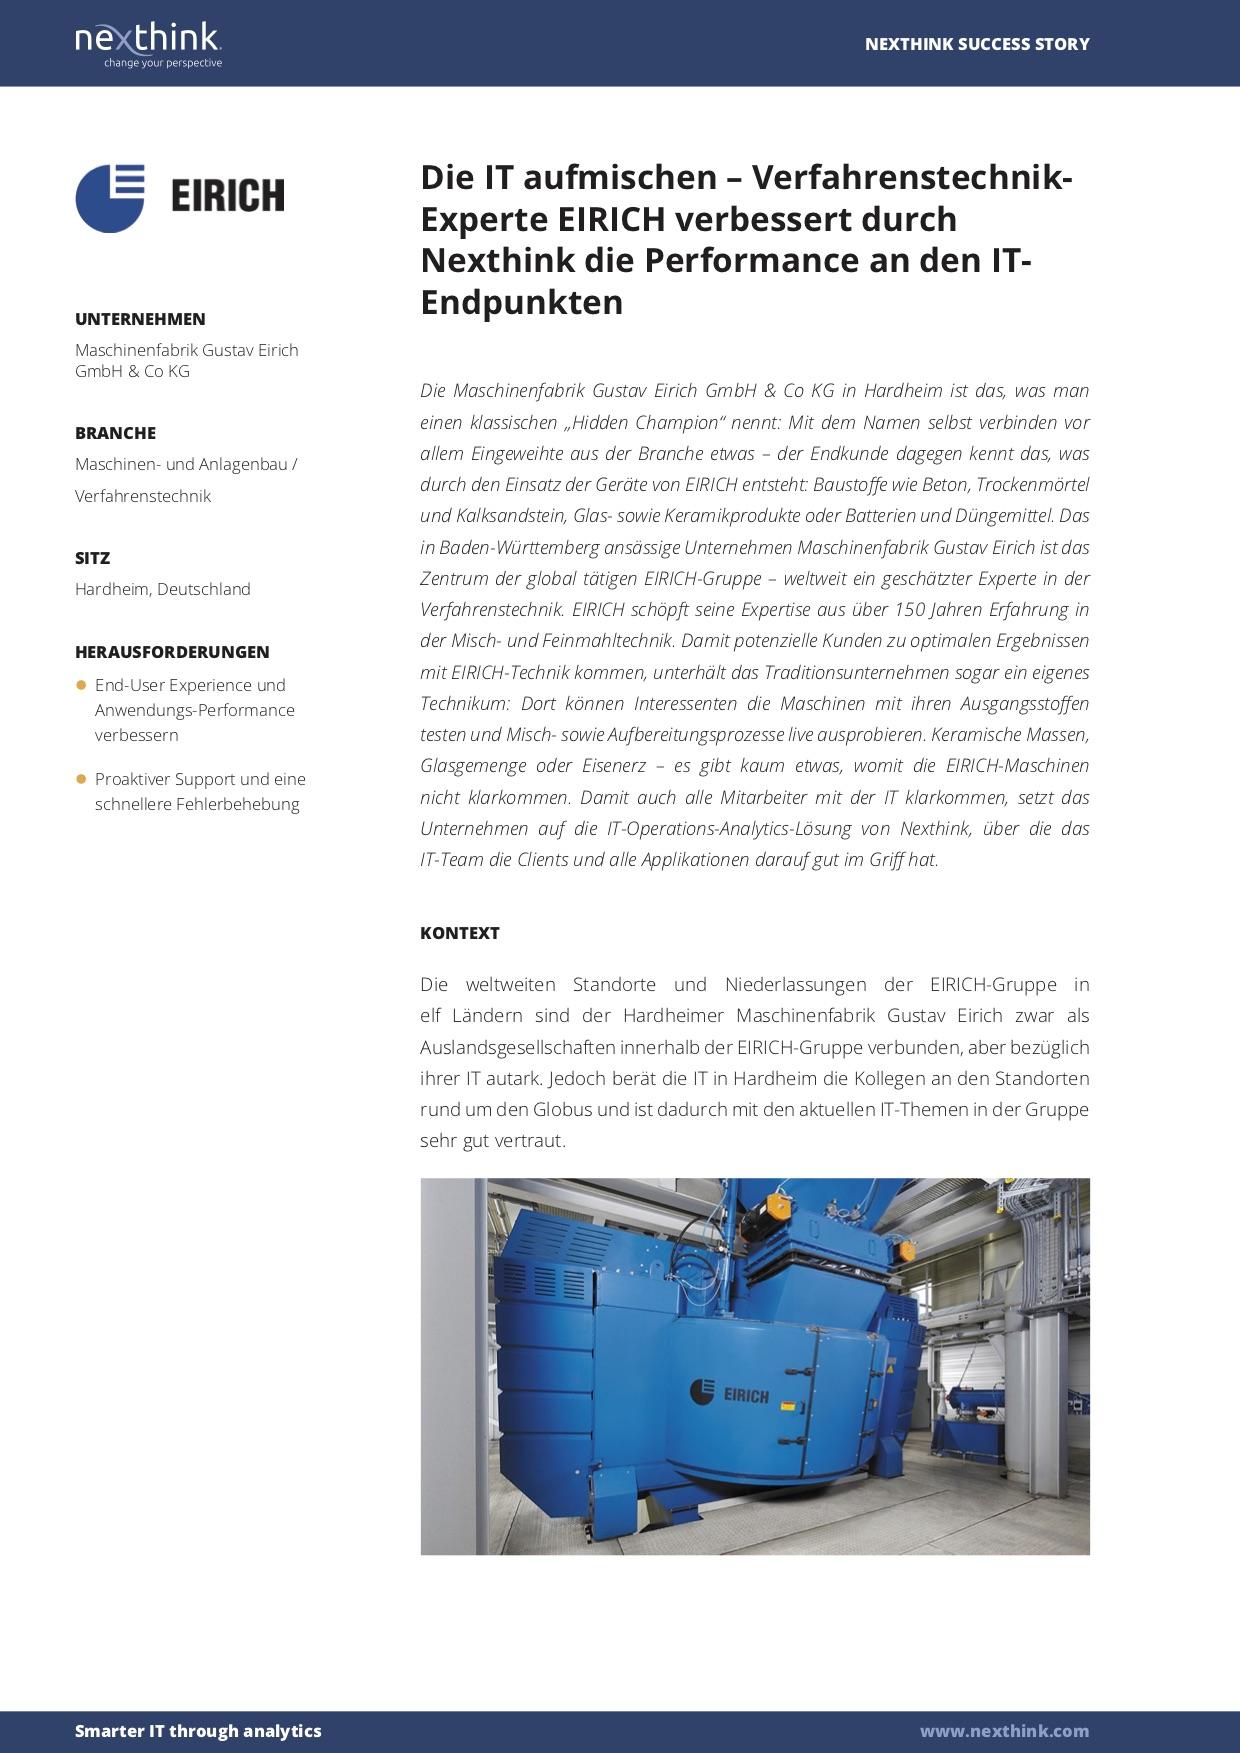 EIRICH verbessert durch Nexthink die Performance an den IT- Endpunkten